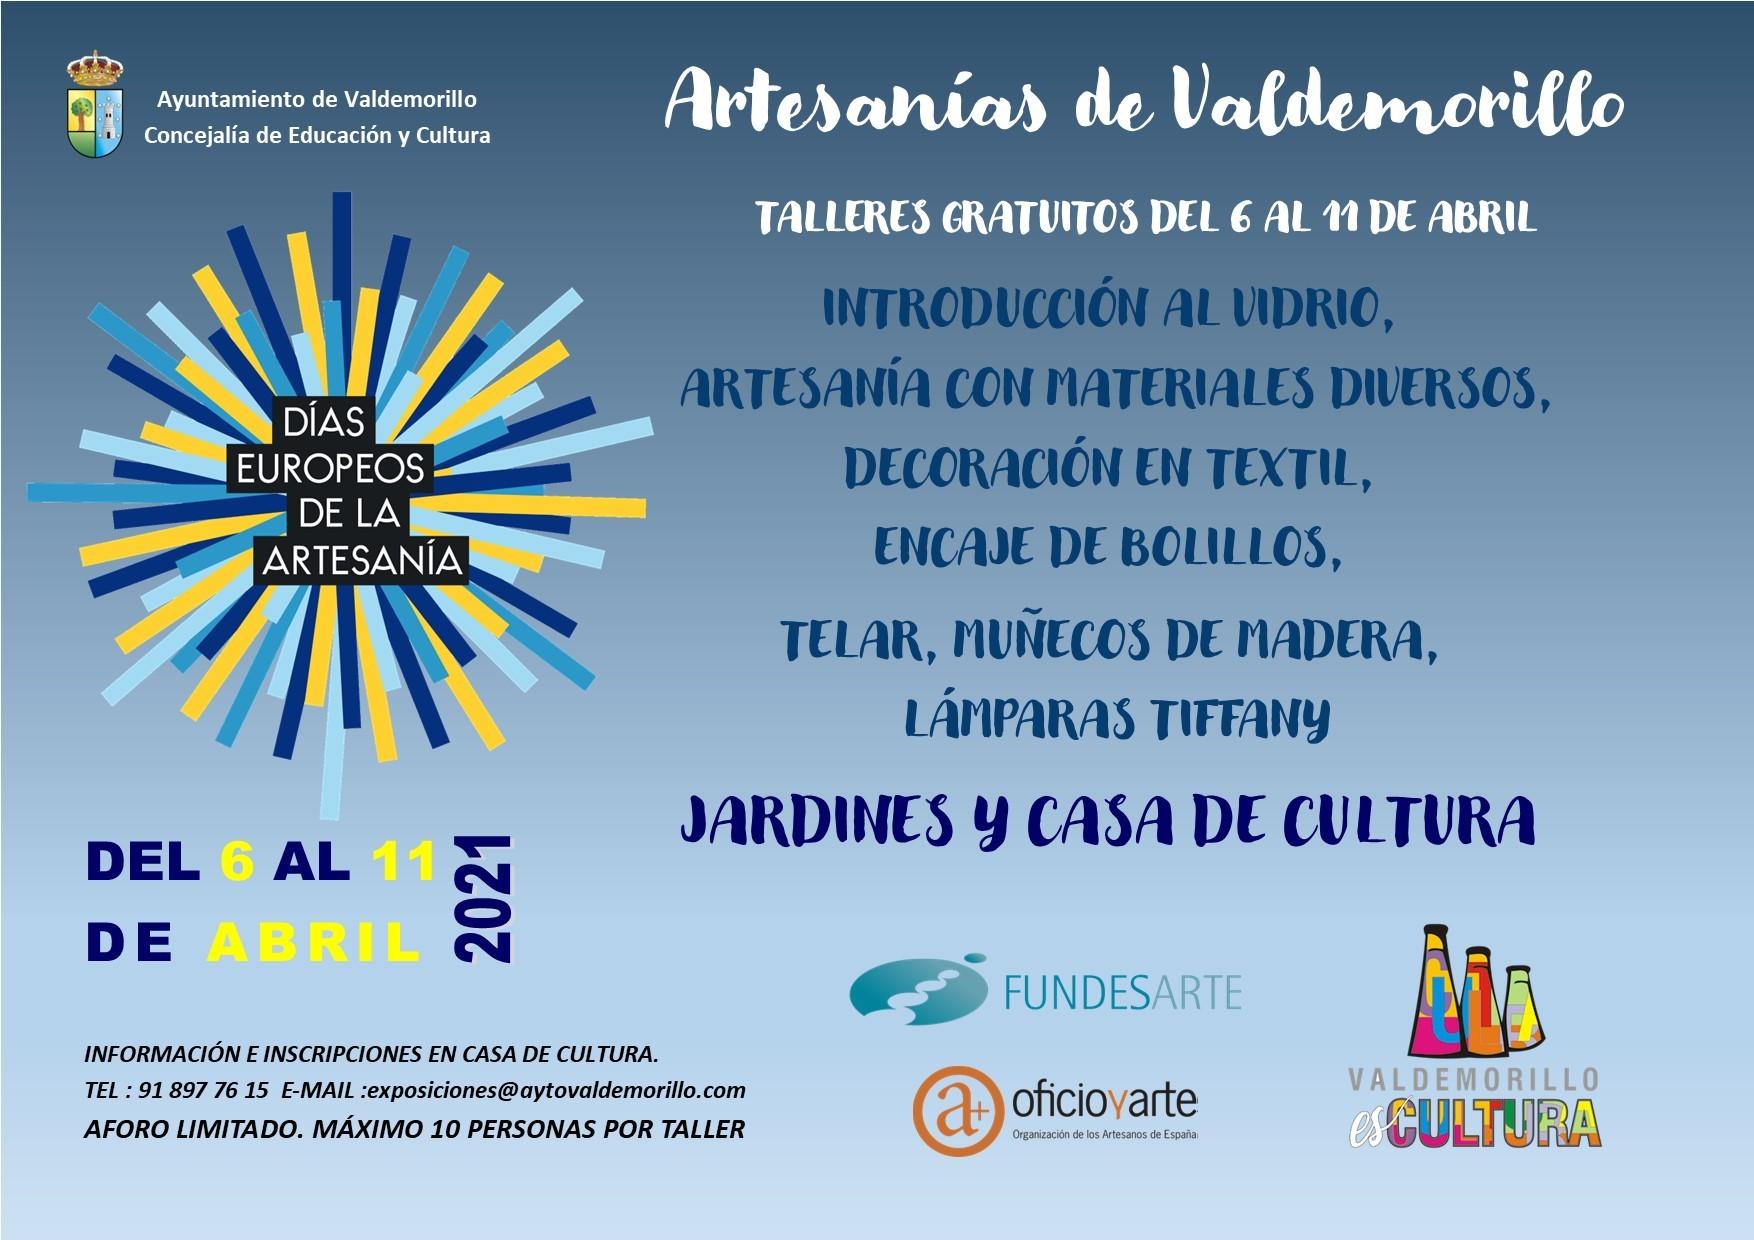 Del 6 al 11 de abril Valdemorillo invita a descubrir  el buen hacer de sus artesanos  con los talleres gratuitos y demostraciones que llenarán de creatividad la Giralt Laporta y sus jardines